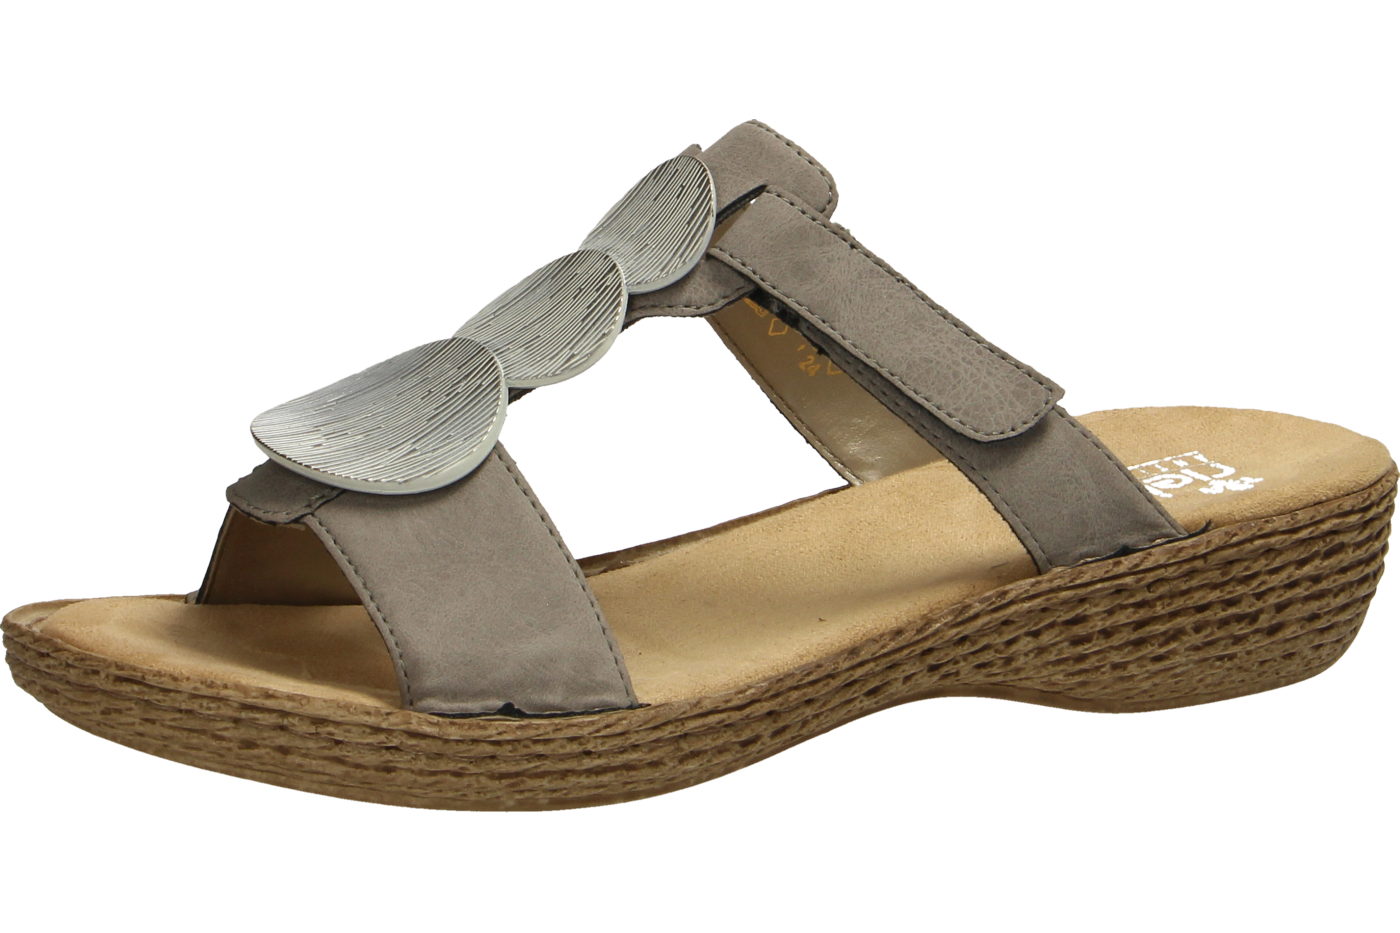 Rieker 65853-44 Schuhe Damen Pantoletten